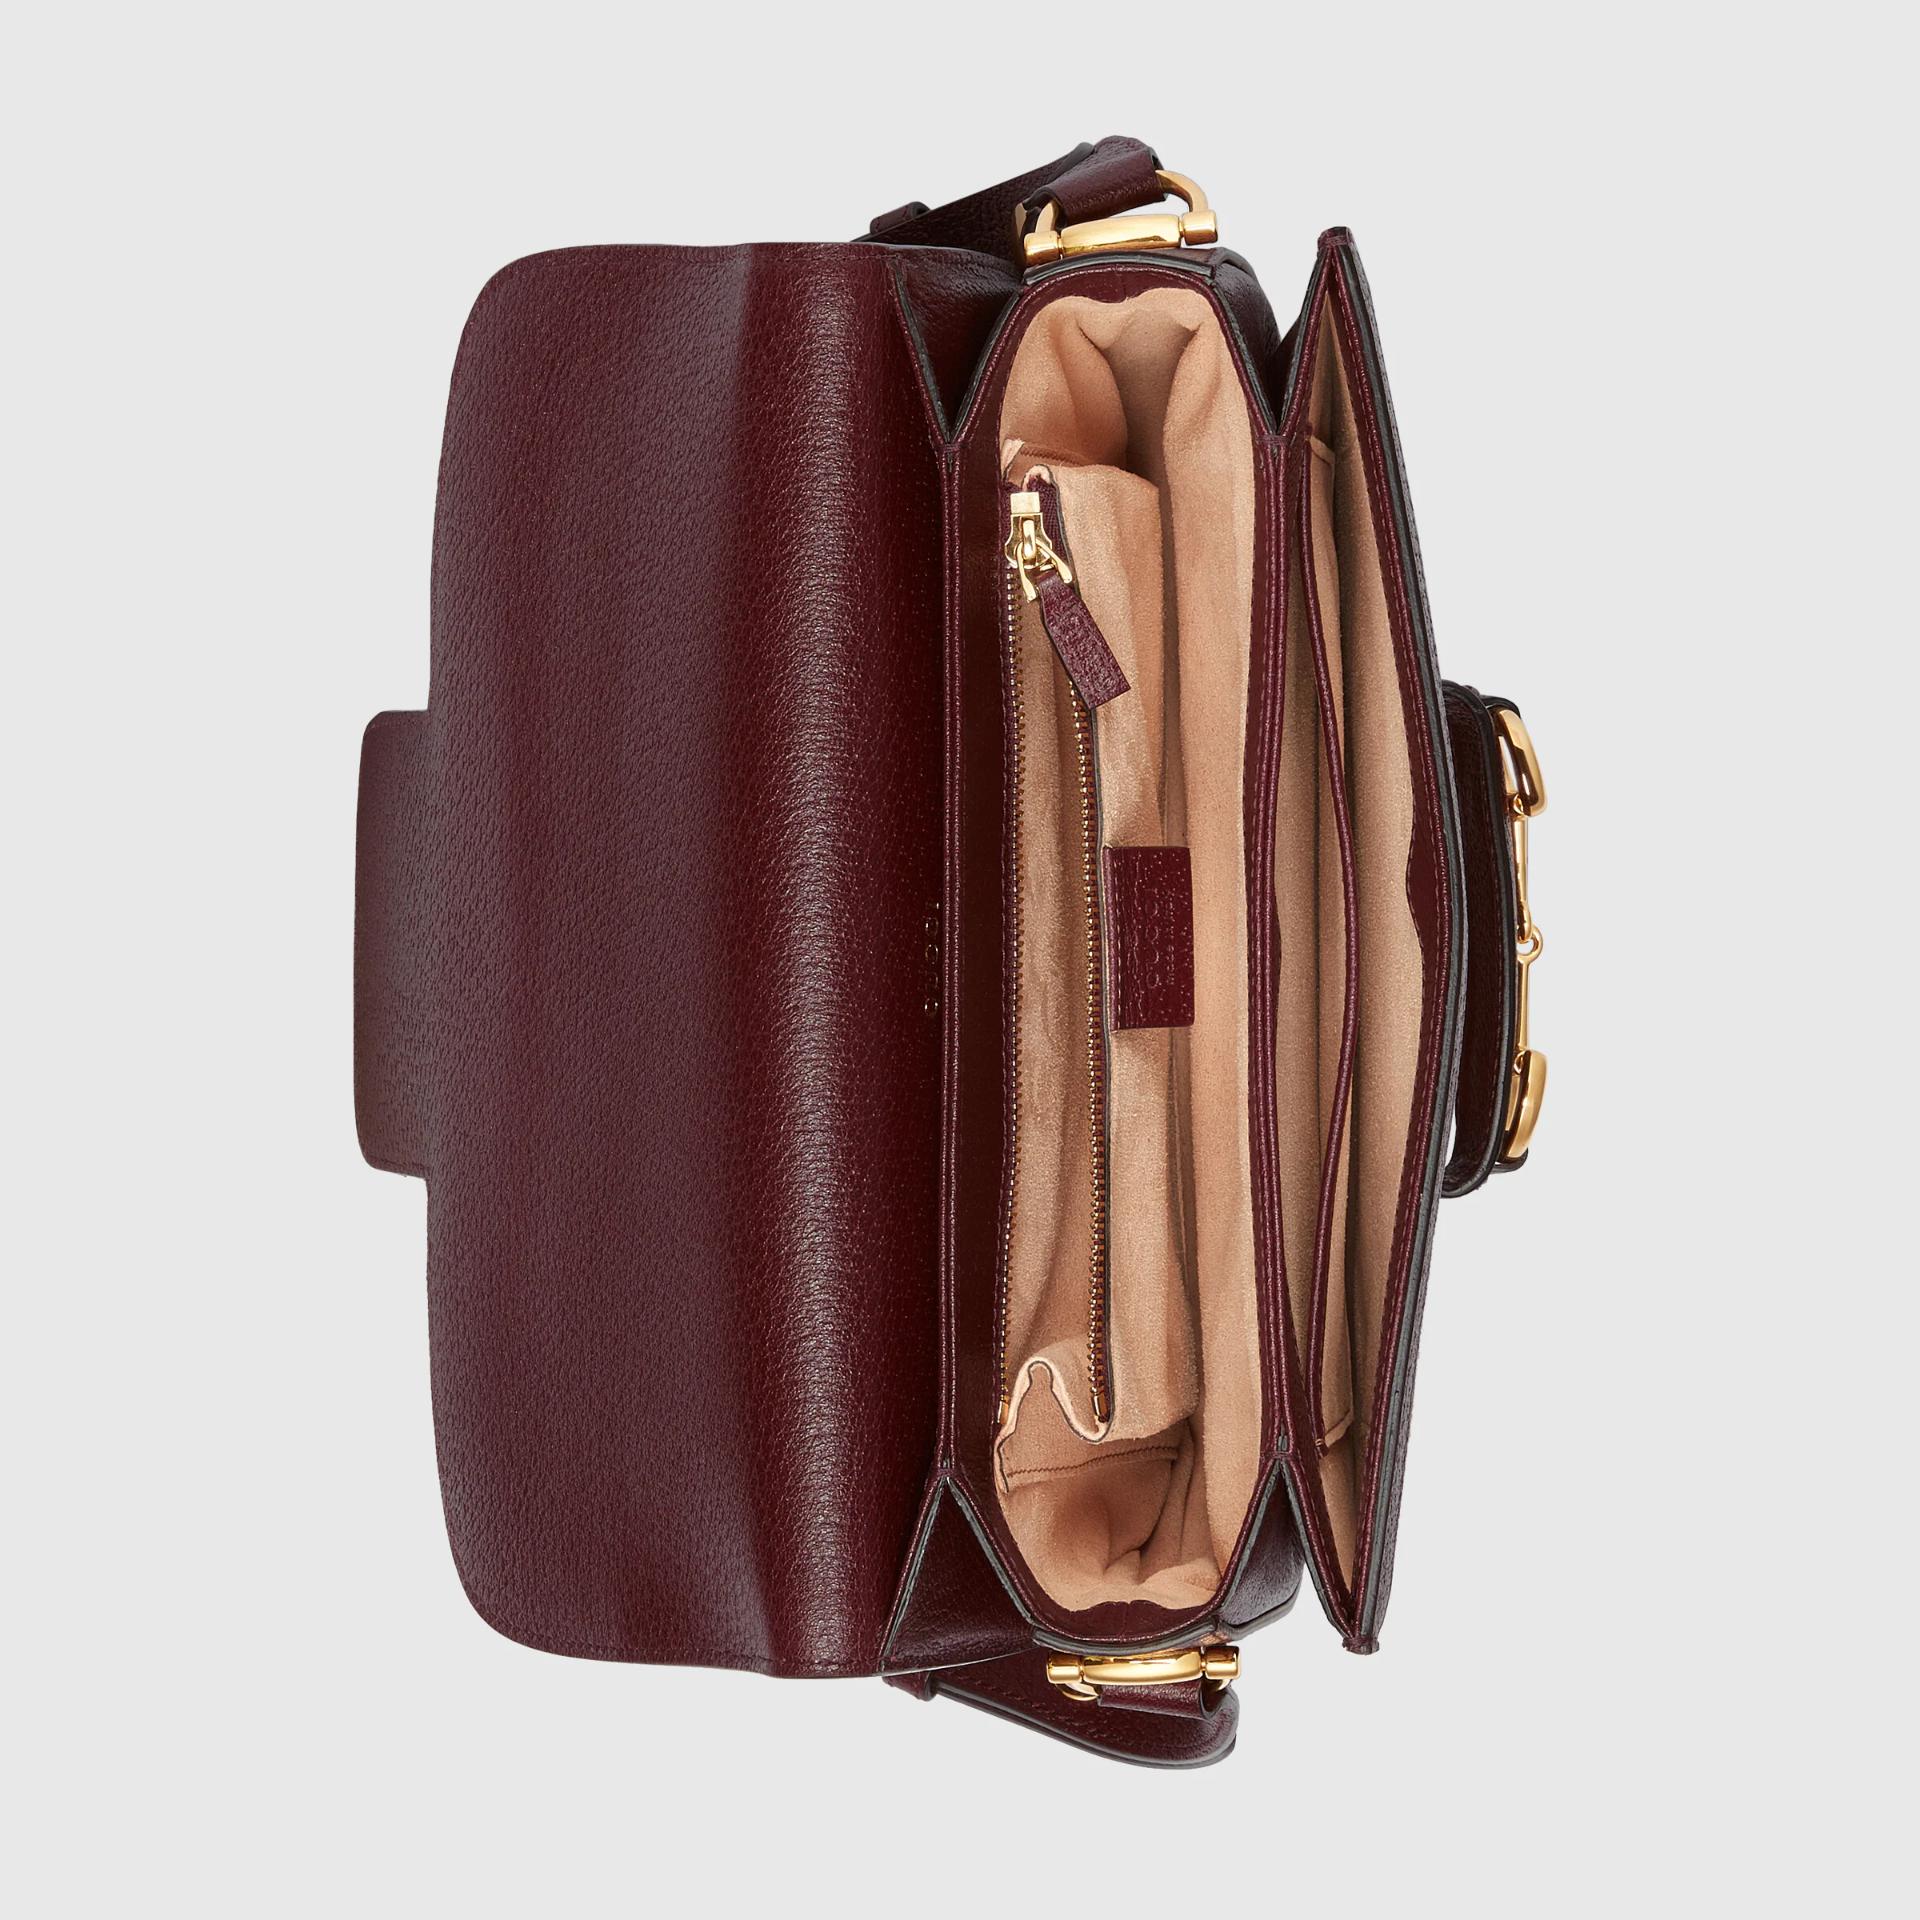 유럽직배송 구찌 GUCCI Gucci - Gucci Horsebit 1955 small bag 6022049Y9NG9865